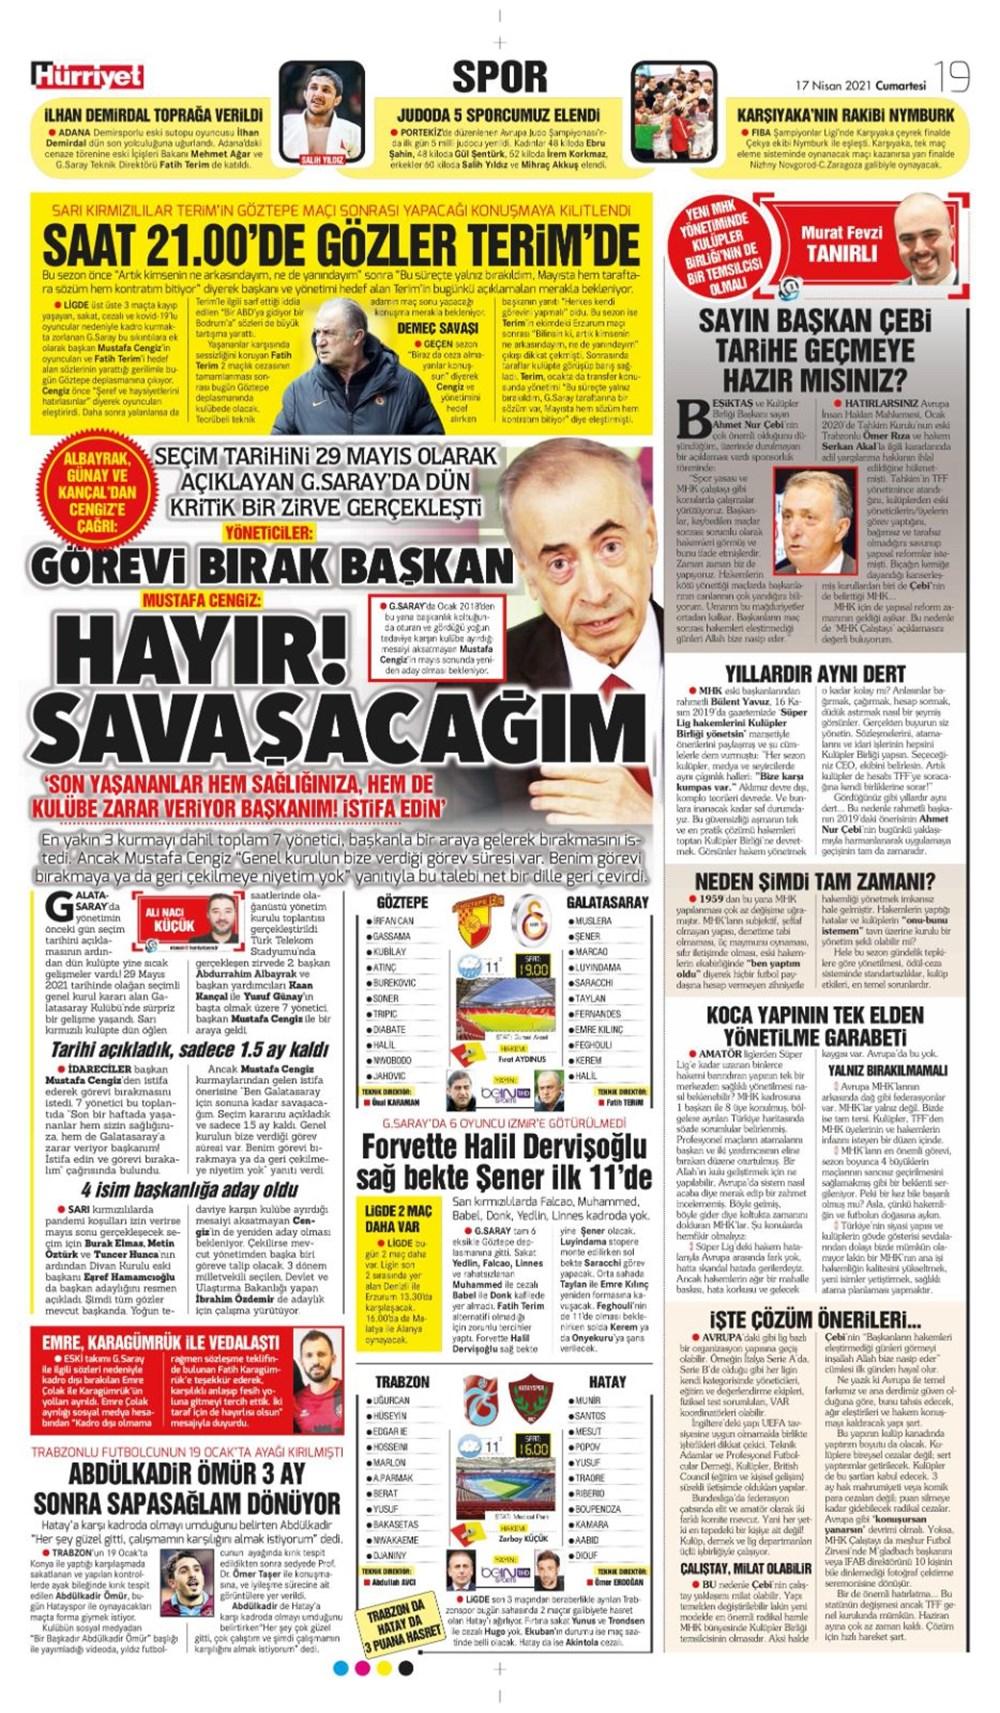 Günün spor manşetleri (17 Nisan 2021) - 11